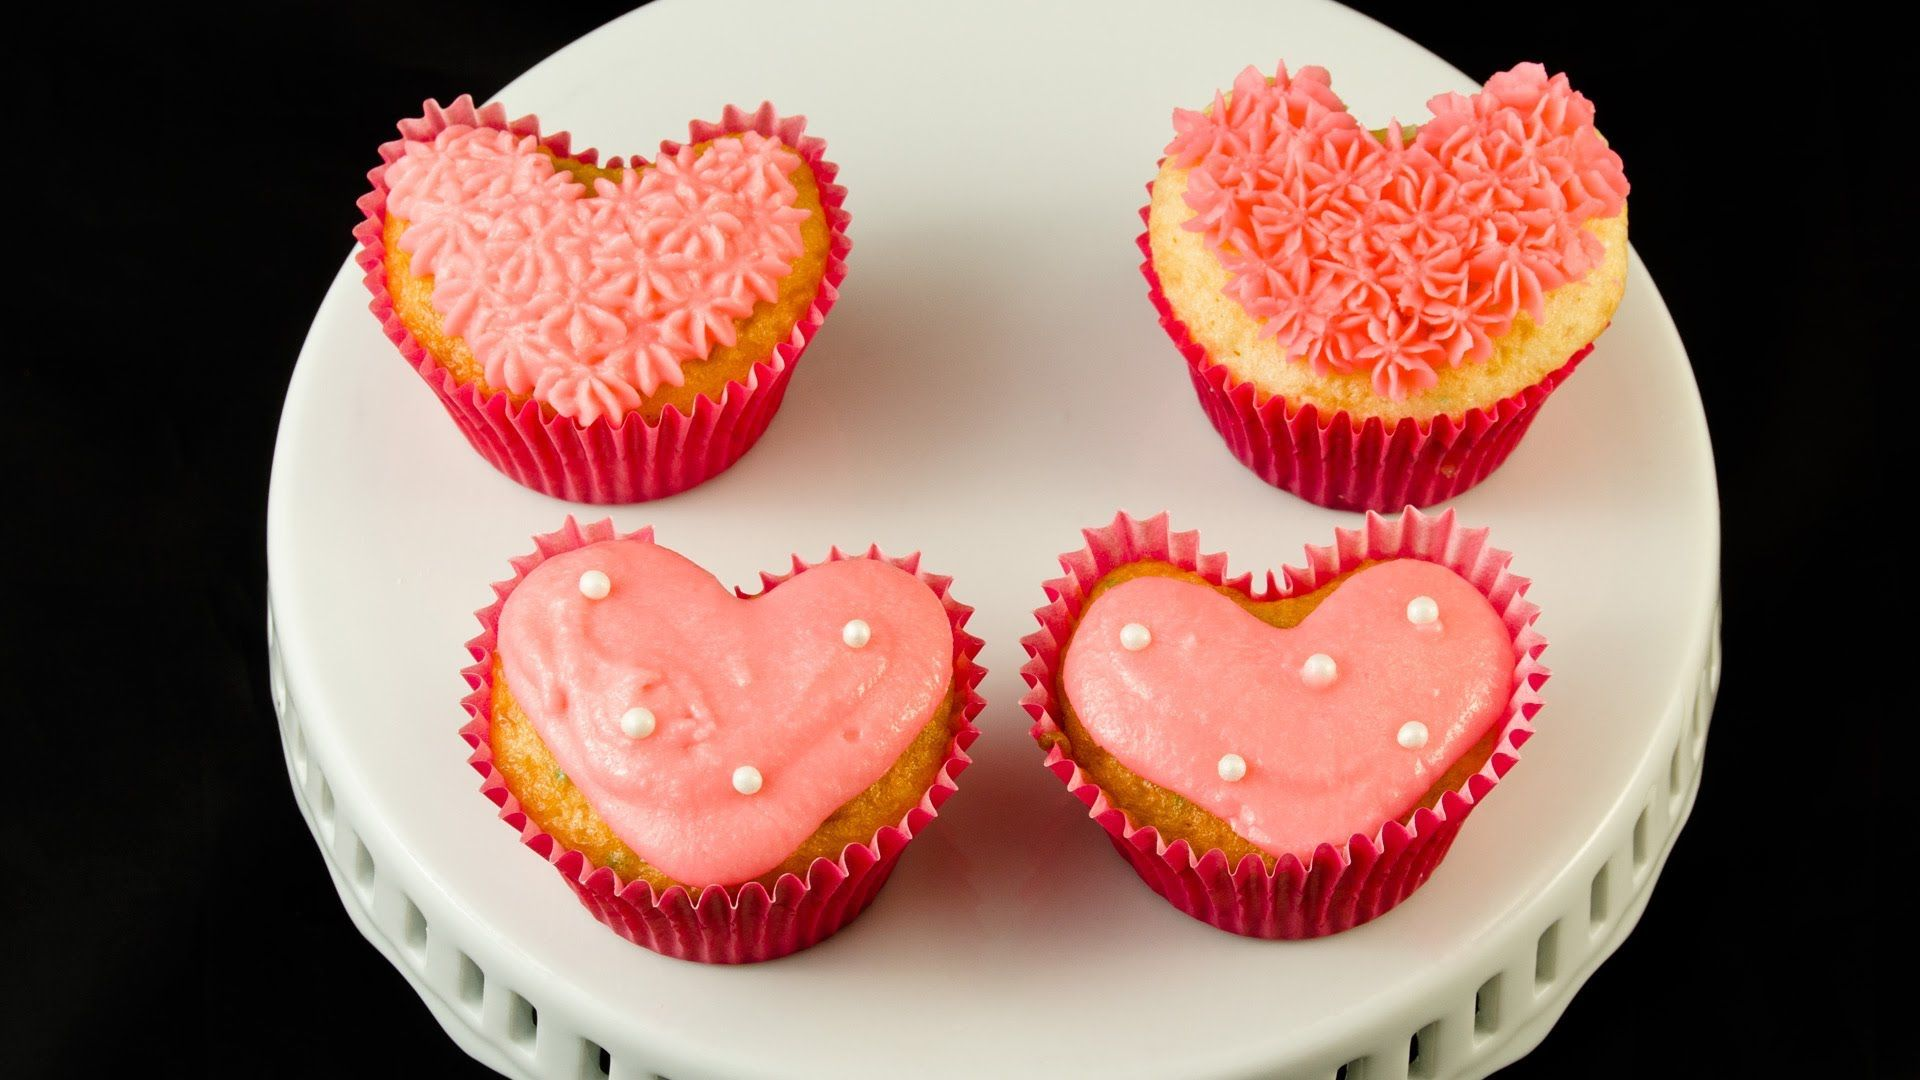 cupcakes en forma de corazon ...loved